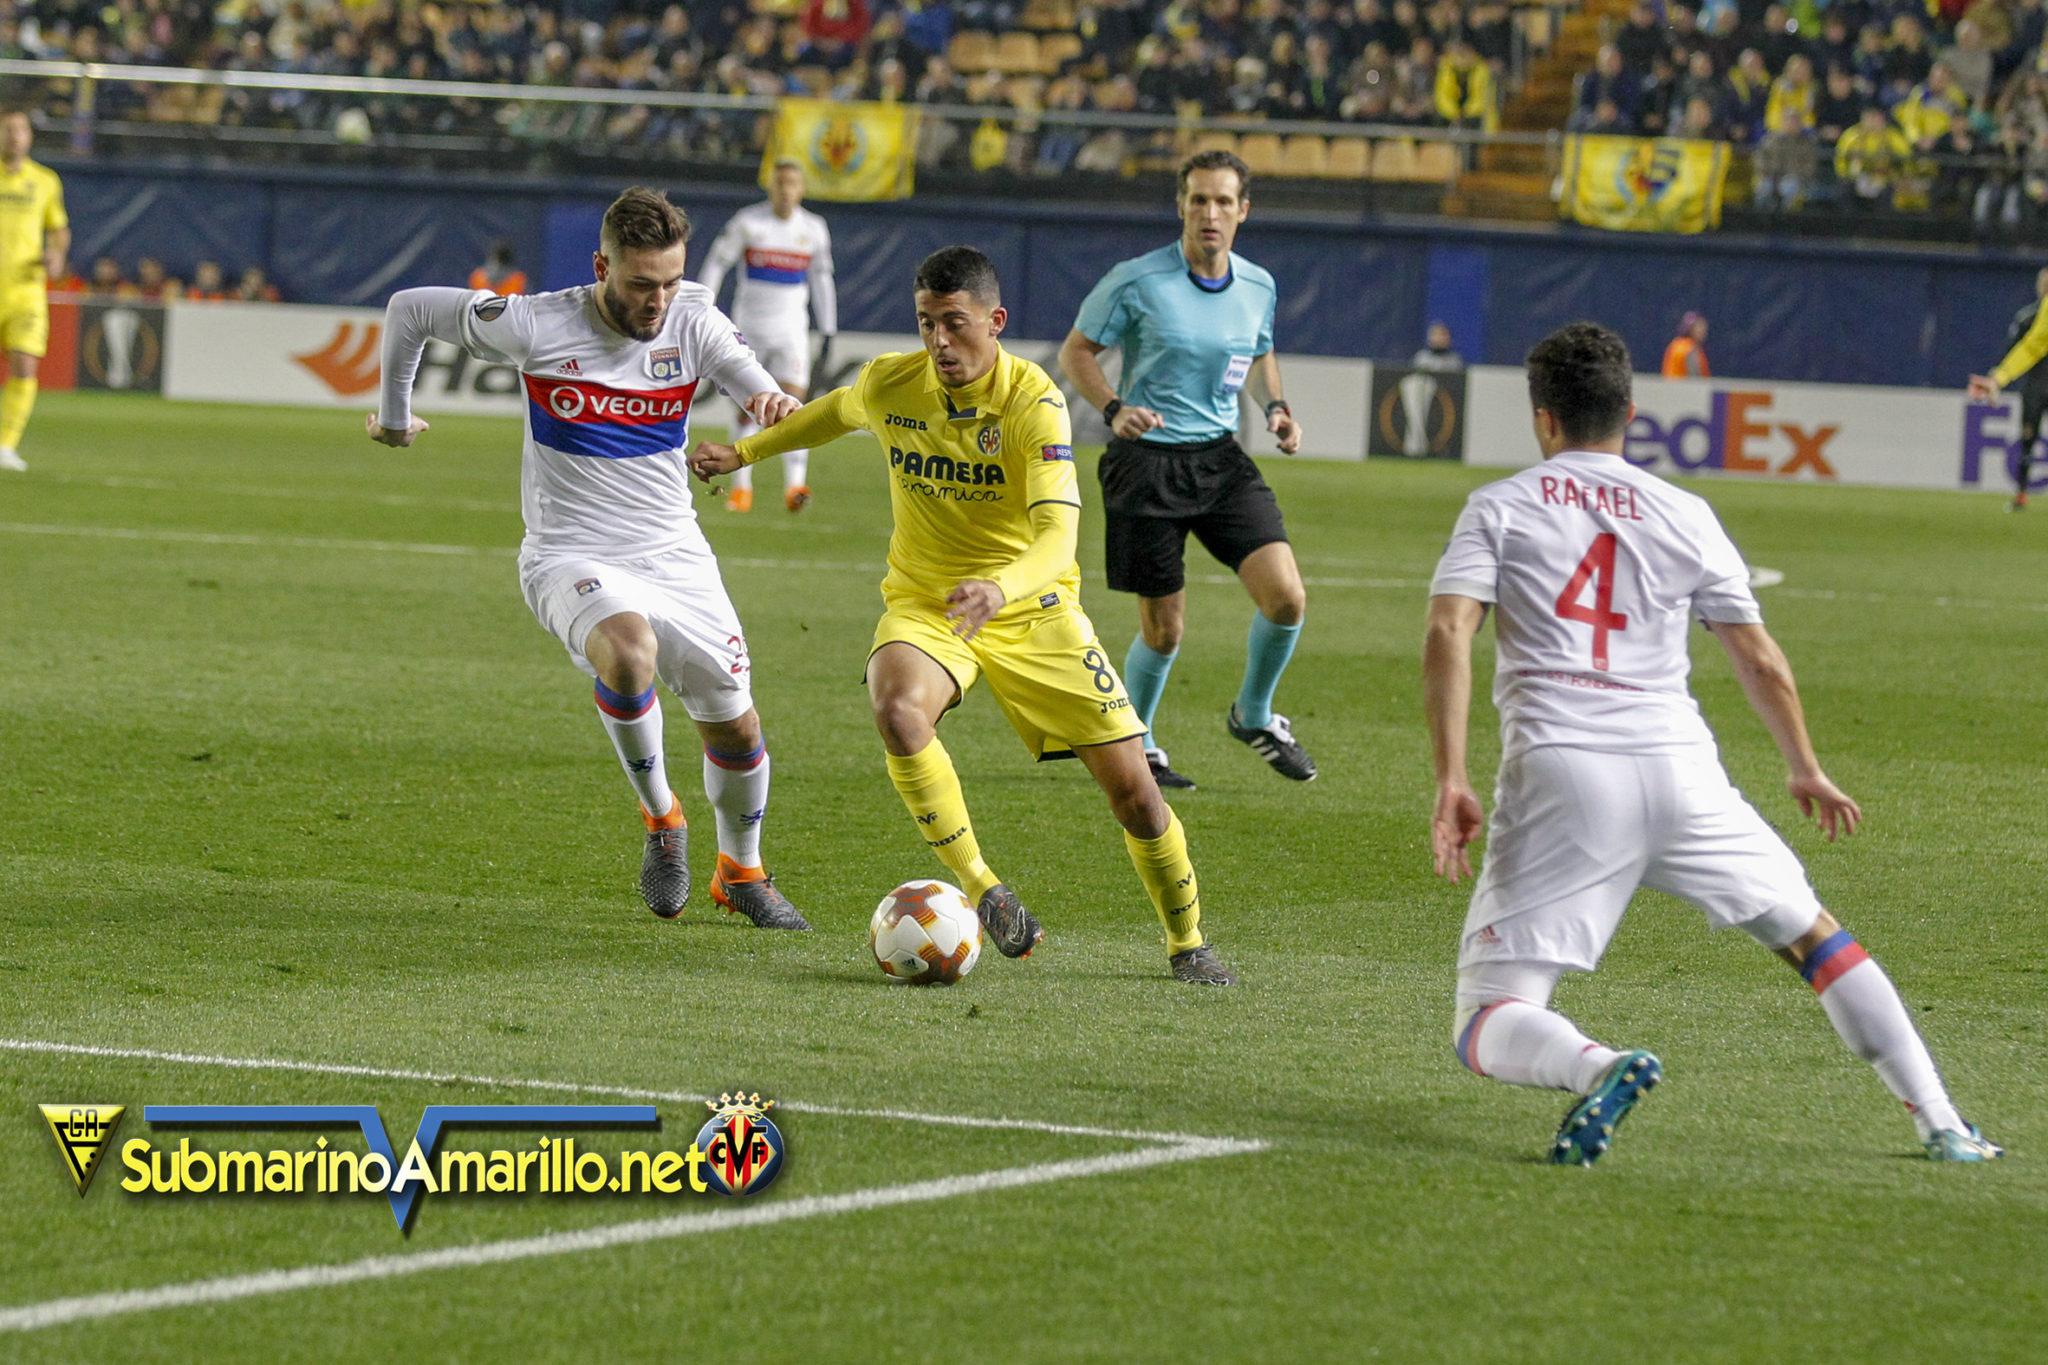 89D4682 copia - Fotos del Villarreal-Olympique